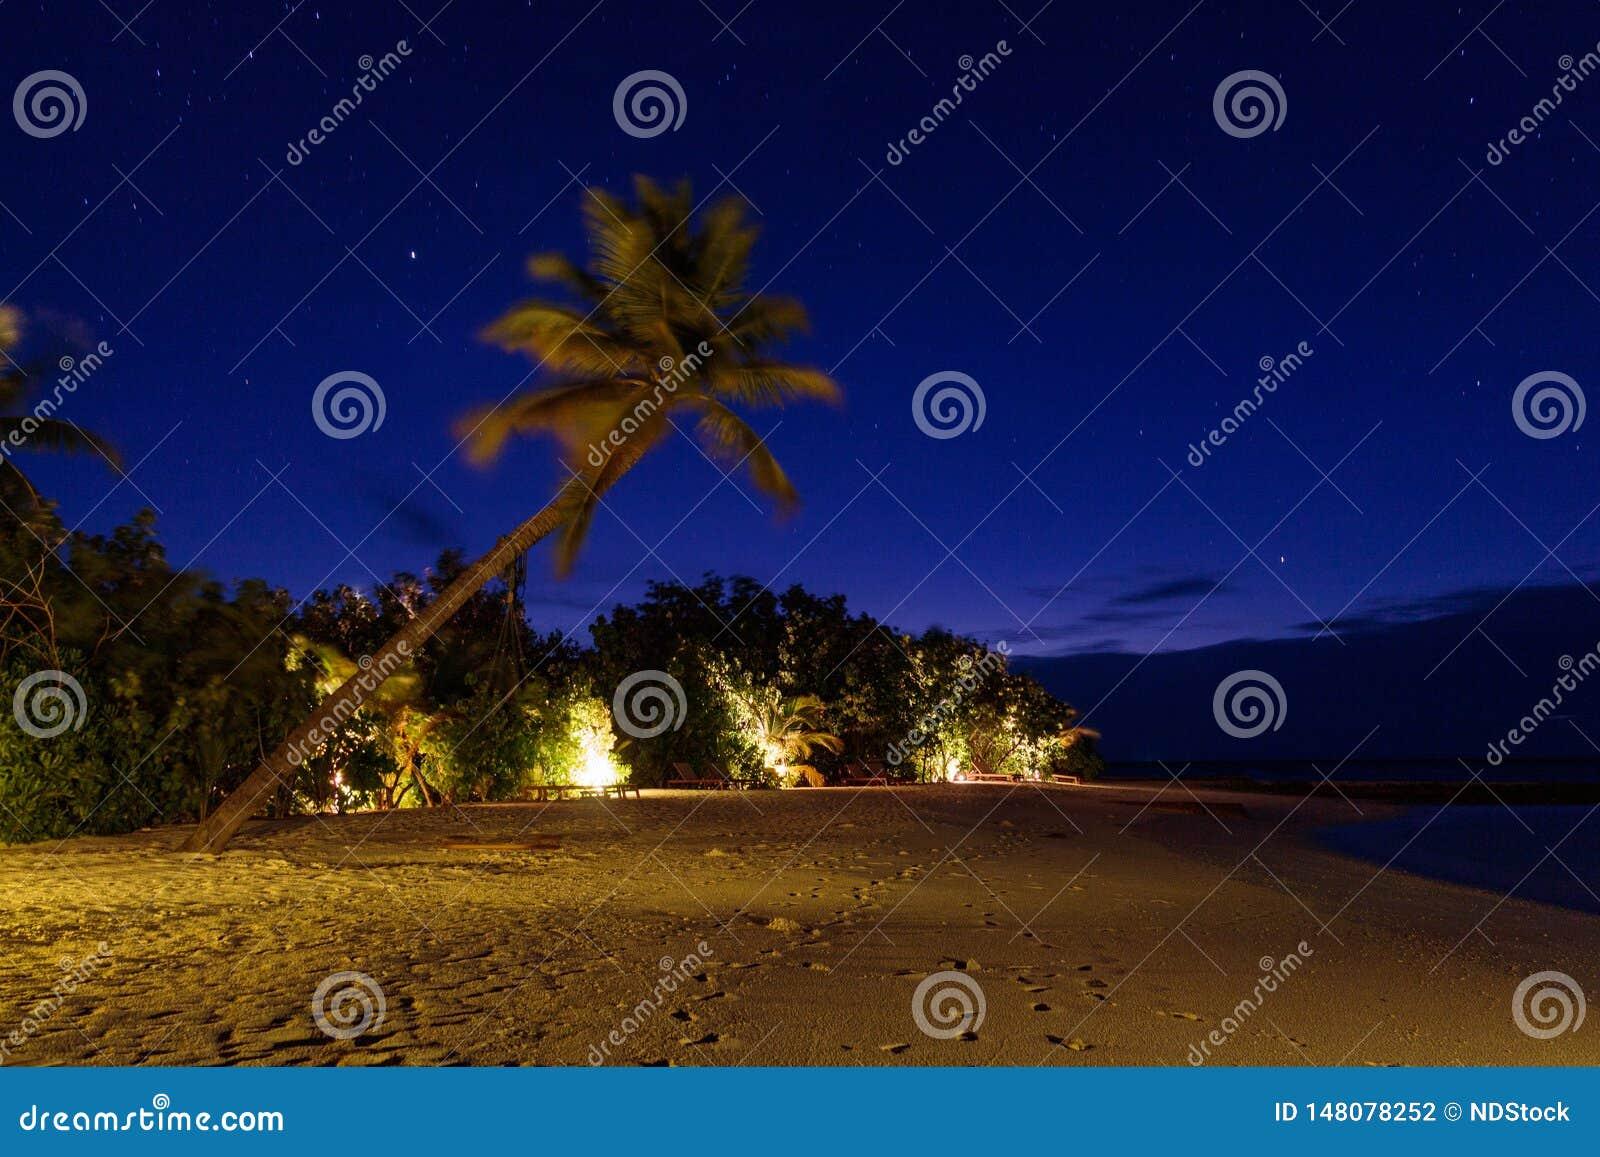 Długi ujawnienie obrazek drzewko palmowe i huśtawka podczas nocy